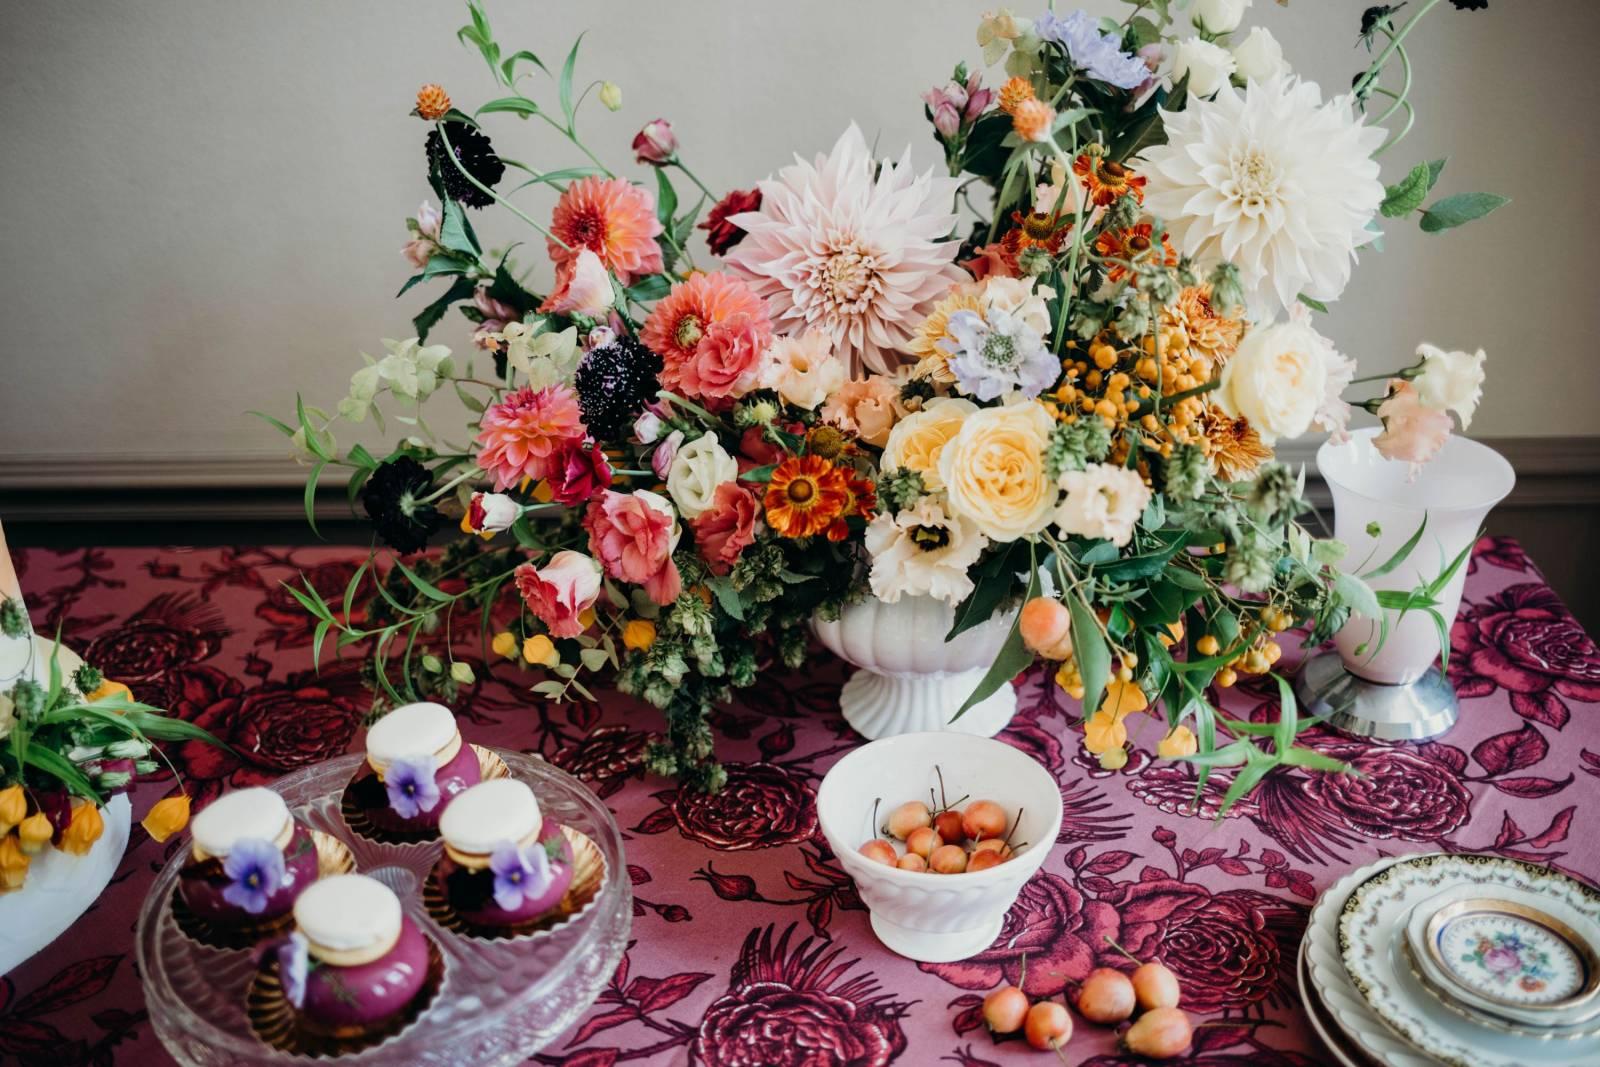 Wild Flower Fairy - Bloemen - Bruidsboeket - House of Weddings - 5